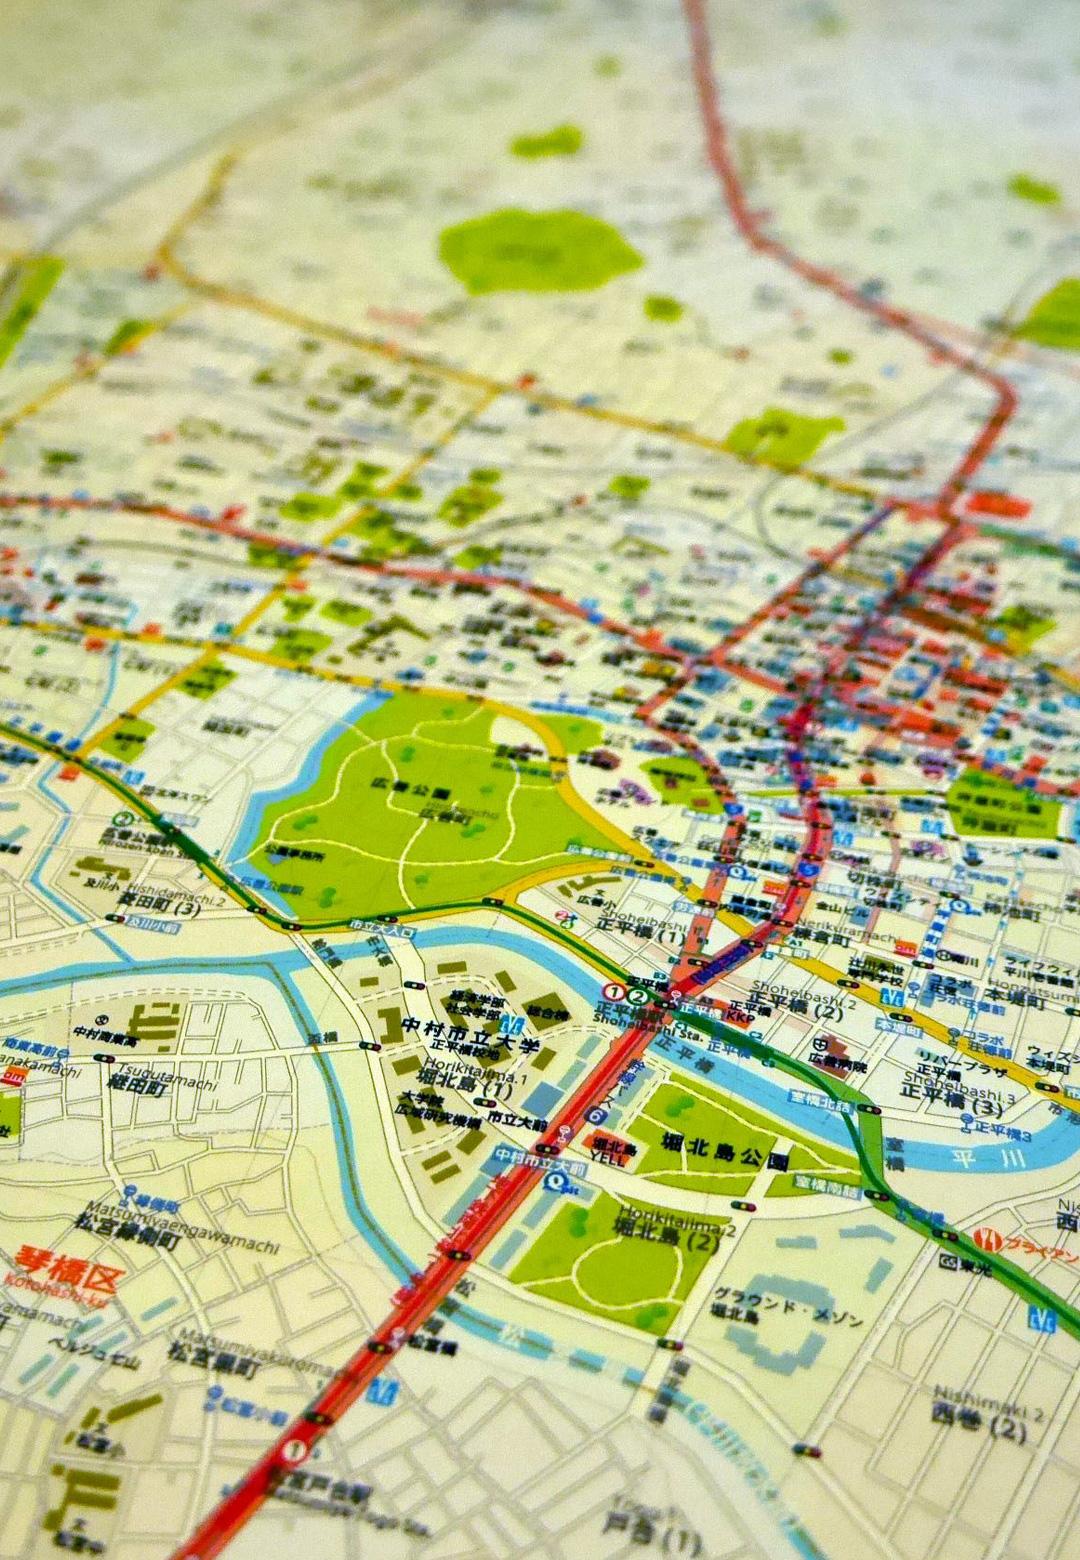 Takayuki Imaizumi, Imaginary Map, Nagomuru City, 2018 (detail) | Museum of Tokyo | MOT Satellite 2019: Wandering, Mapping | Takayuki Imaizumi | STIRworld